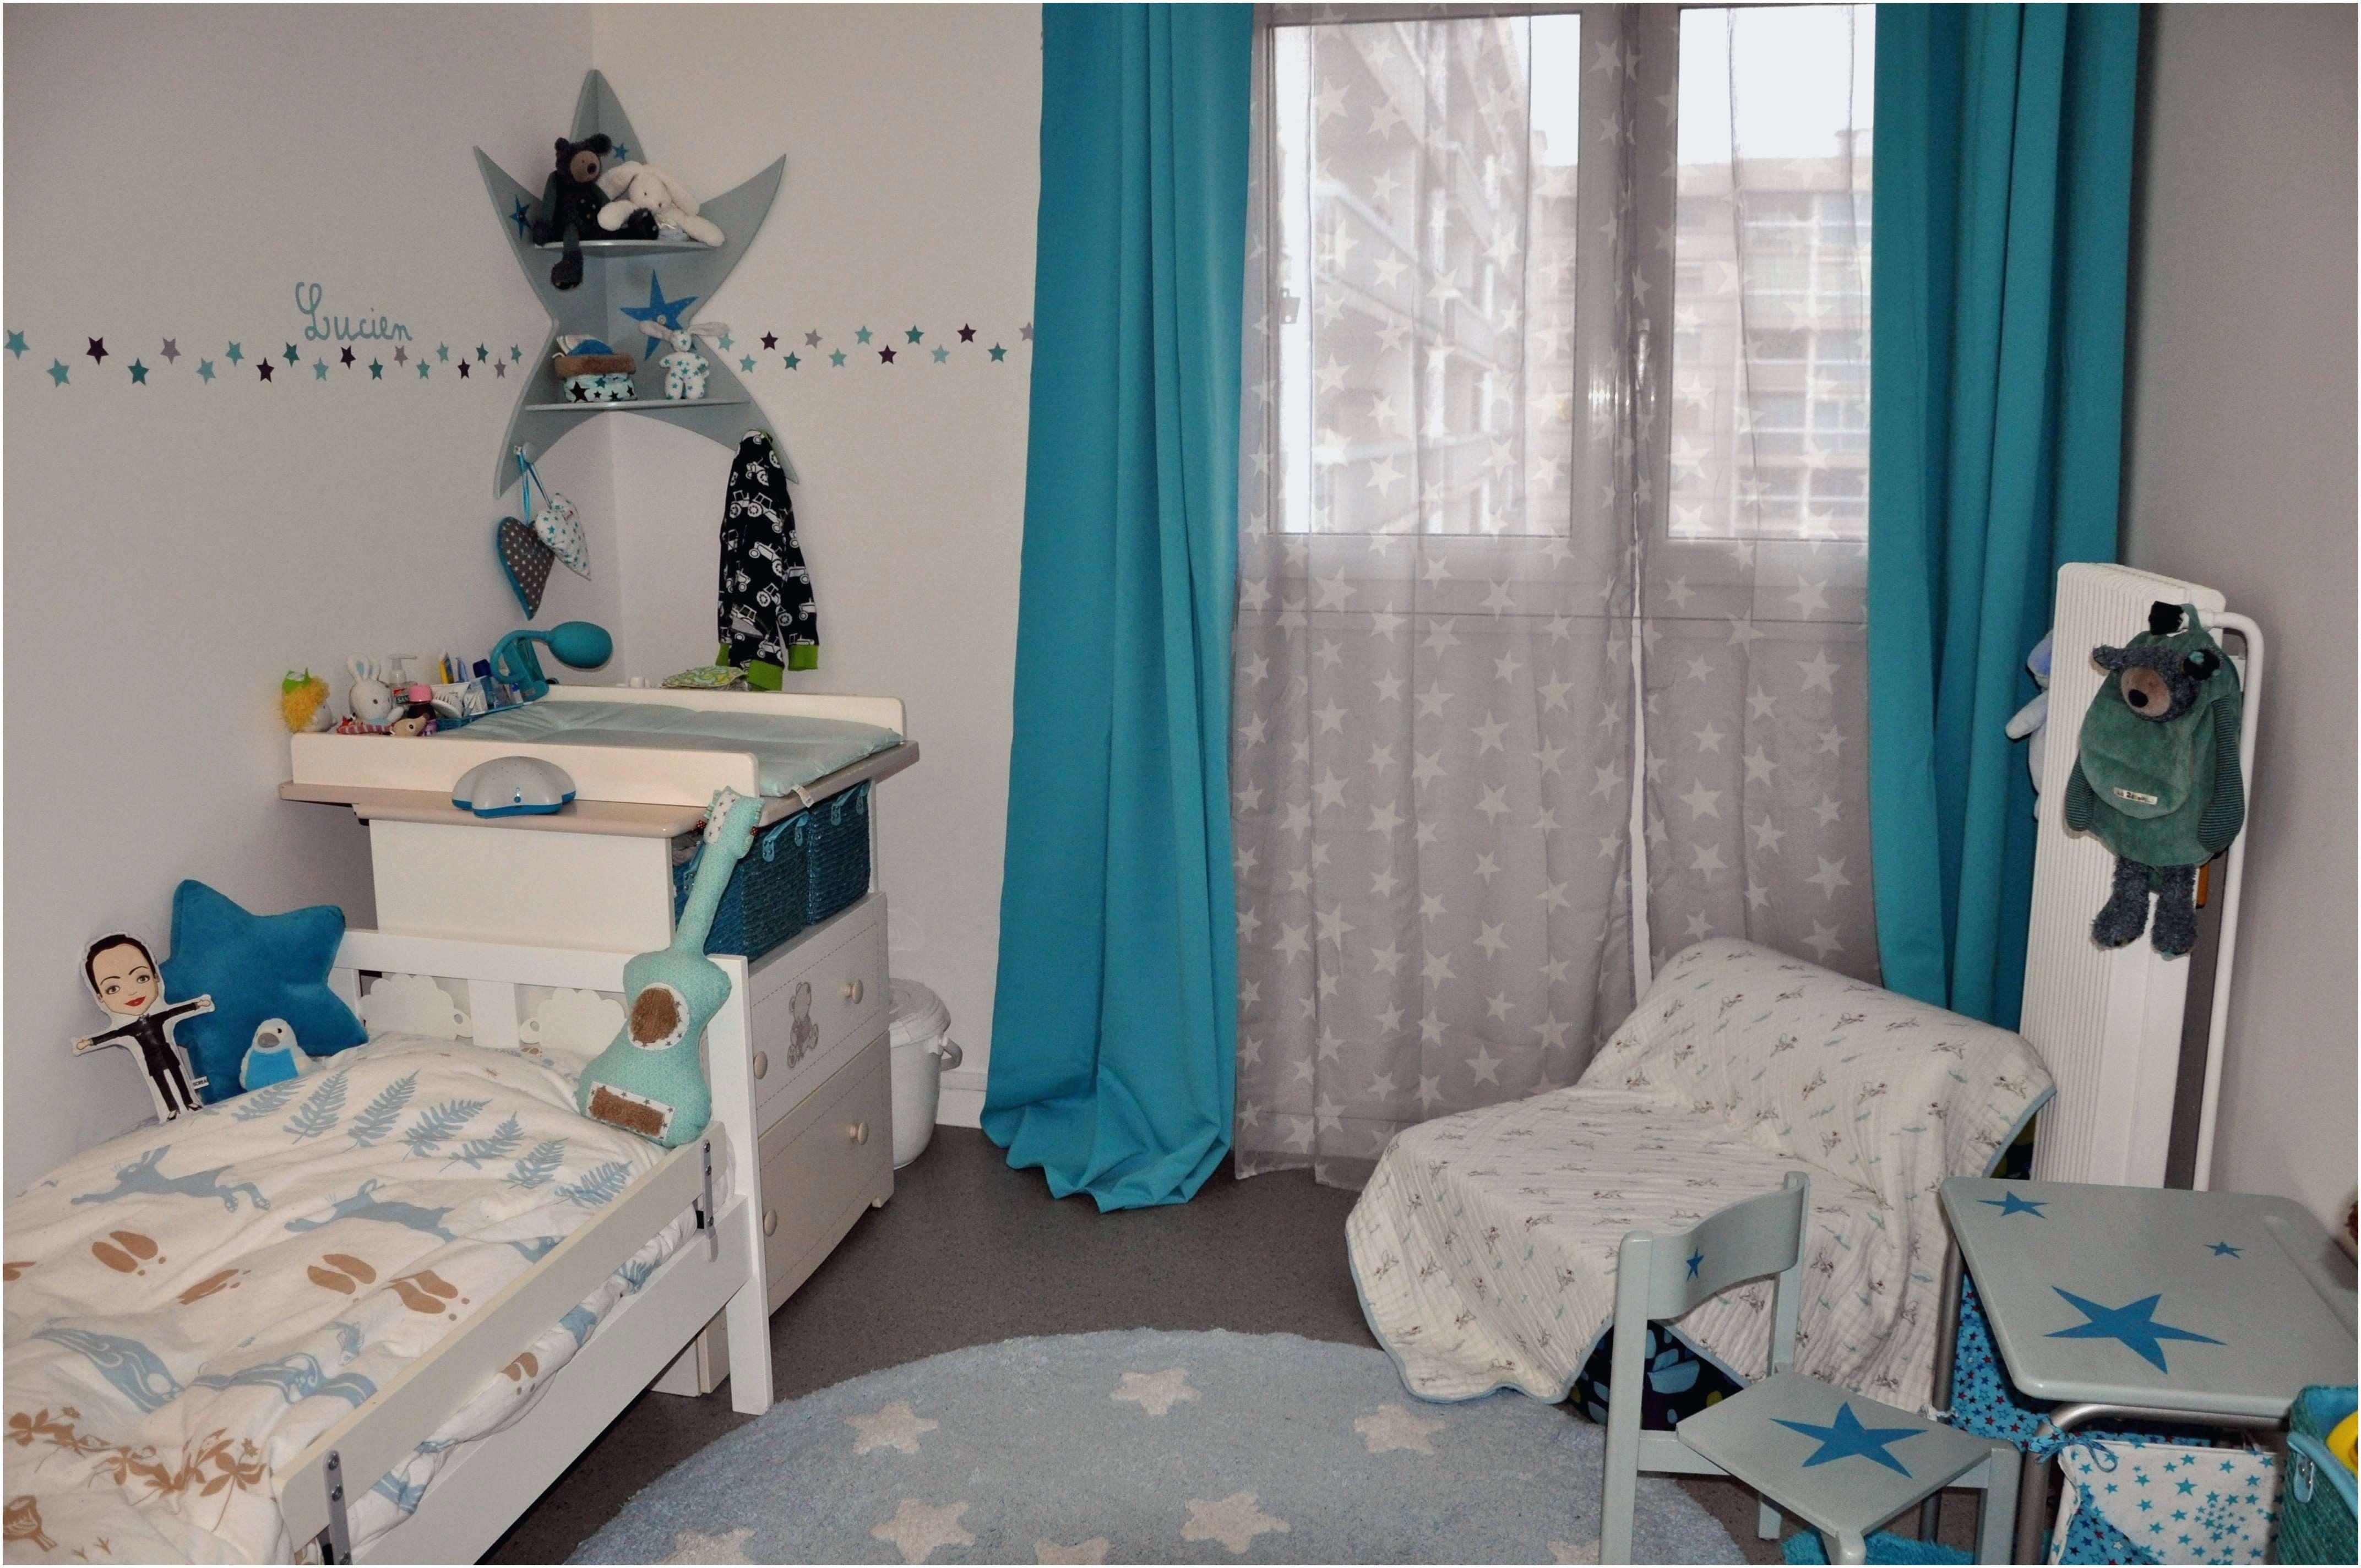 Moustiquaire Pour Lit Bébé Bel Luxe Mode Chambre Bébé Elegant Rideau Enfant Pas Cher 14 Chambre